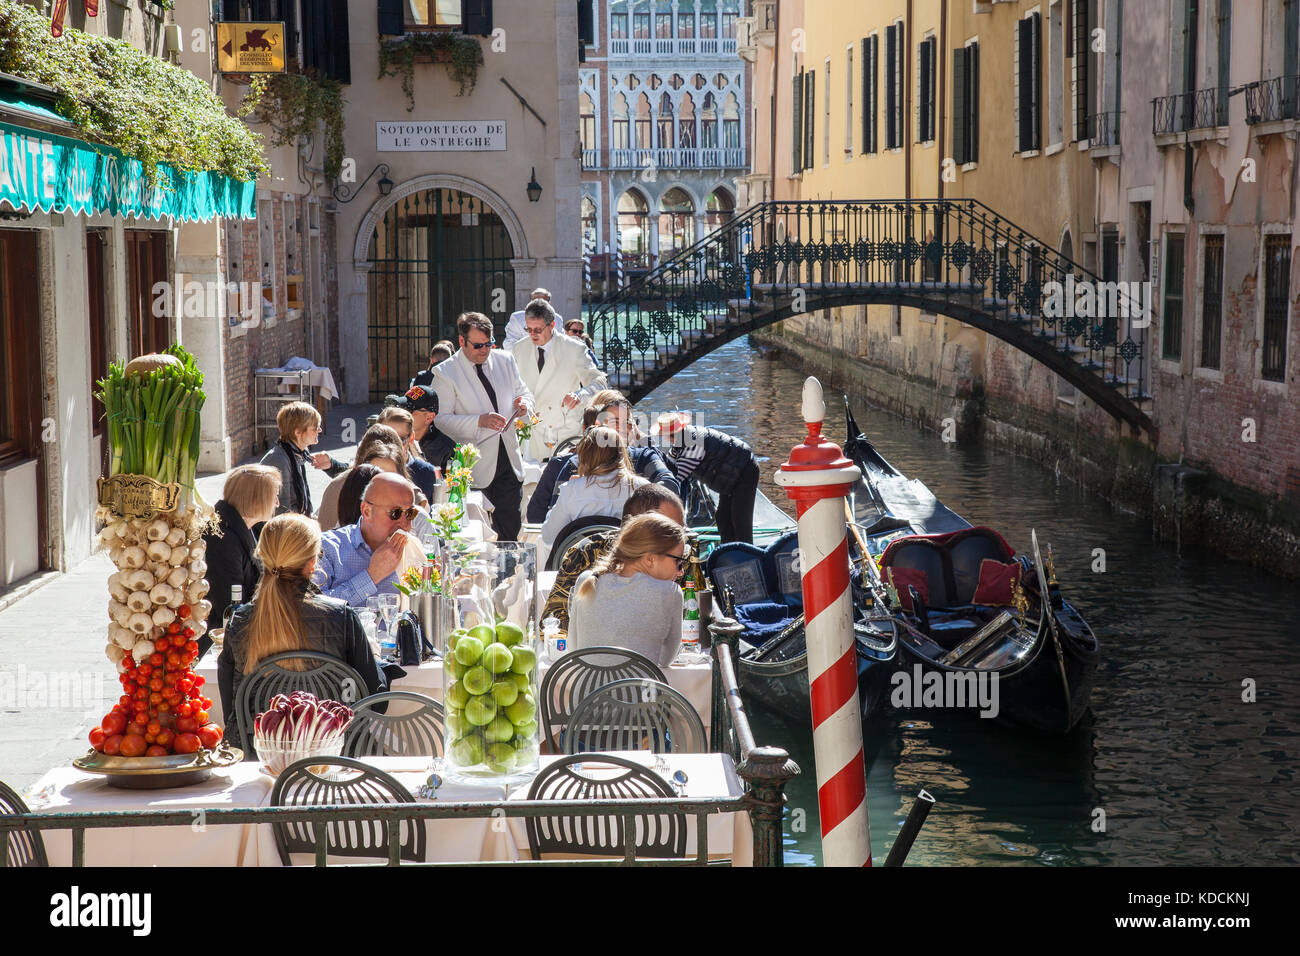 Touristen im beliebten Ristorante da Raffaele, San Marco, Venedig, Italien neben einem Kanal mit Gondeln und Gondoliere Stockbild